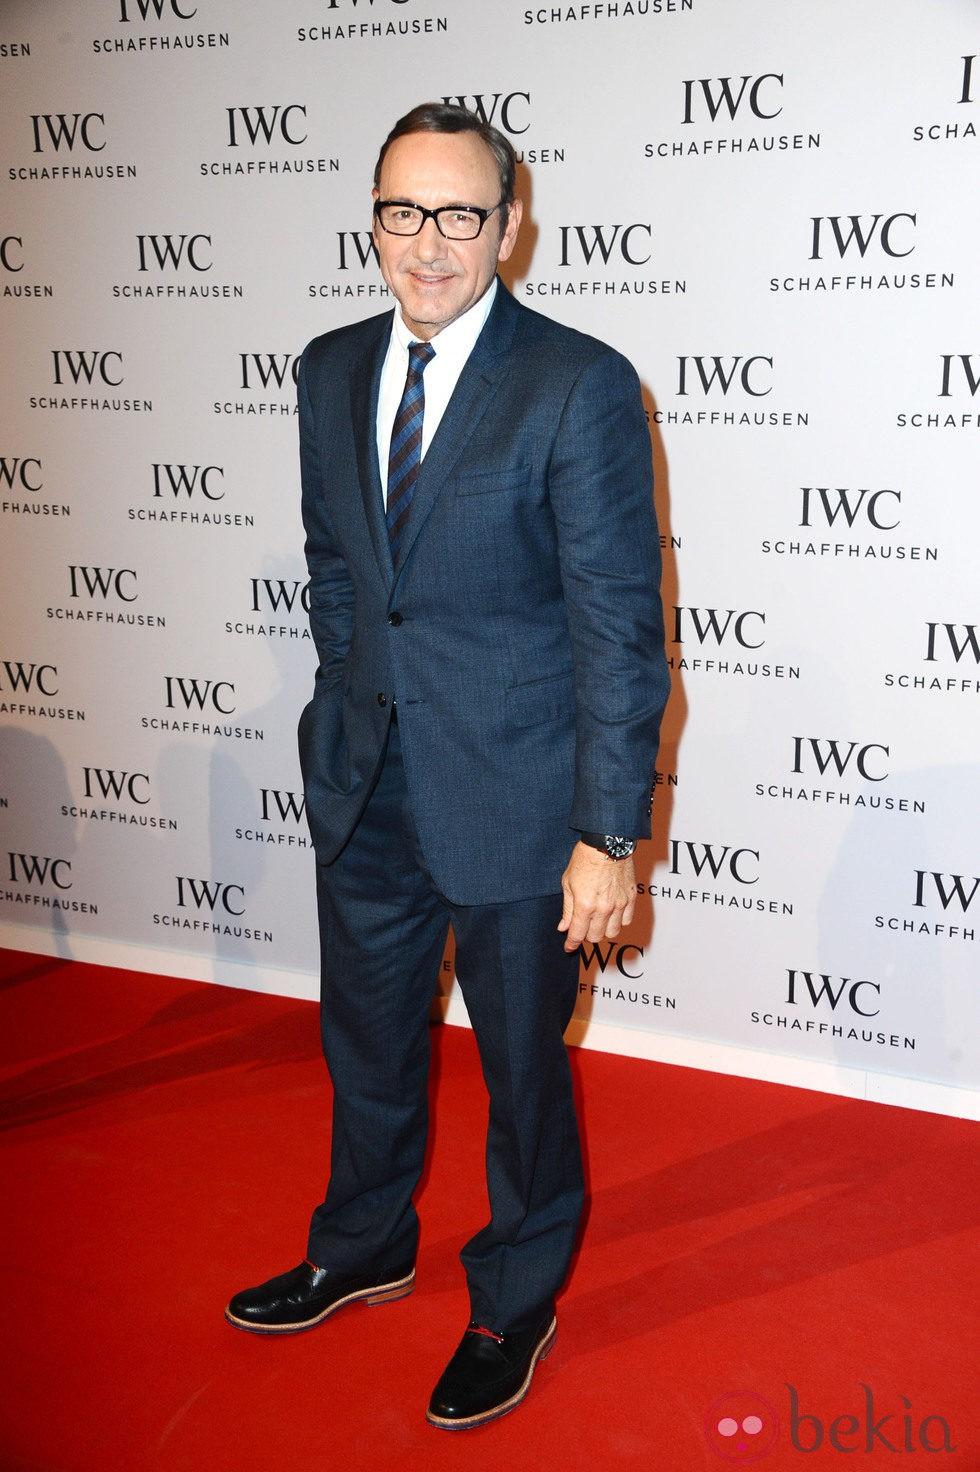 Kevin Spacey en la presentación de la nueva colección 'Aquatimer' de IWC